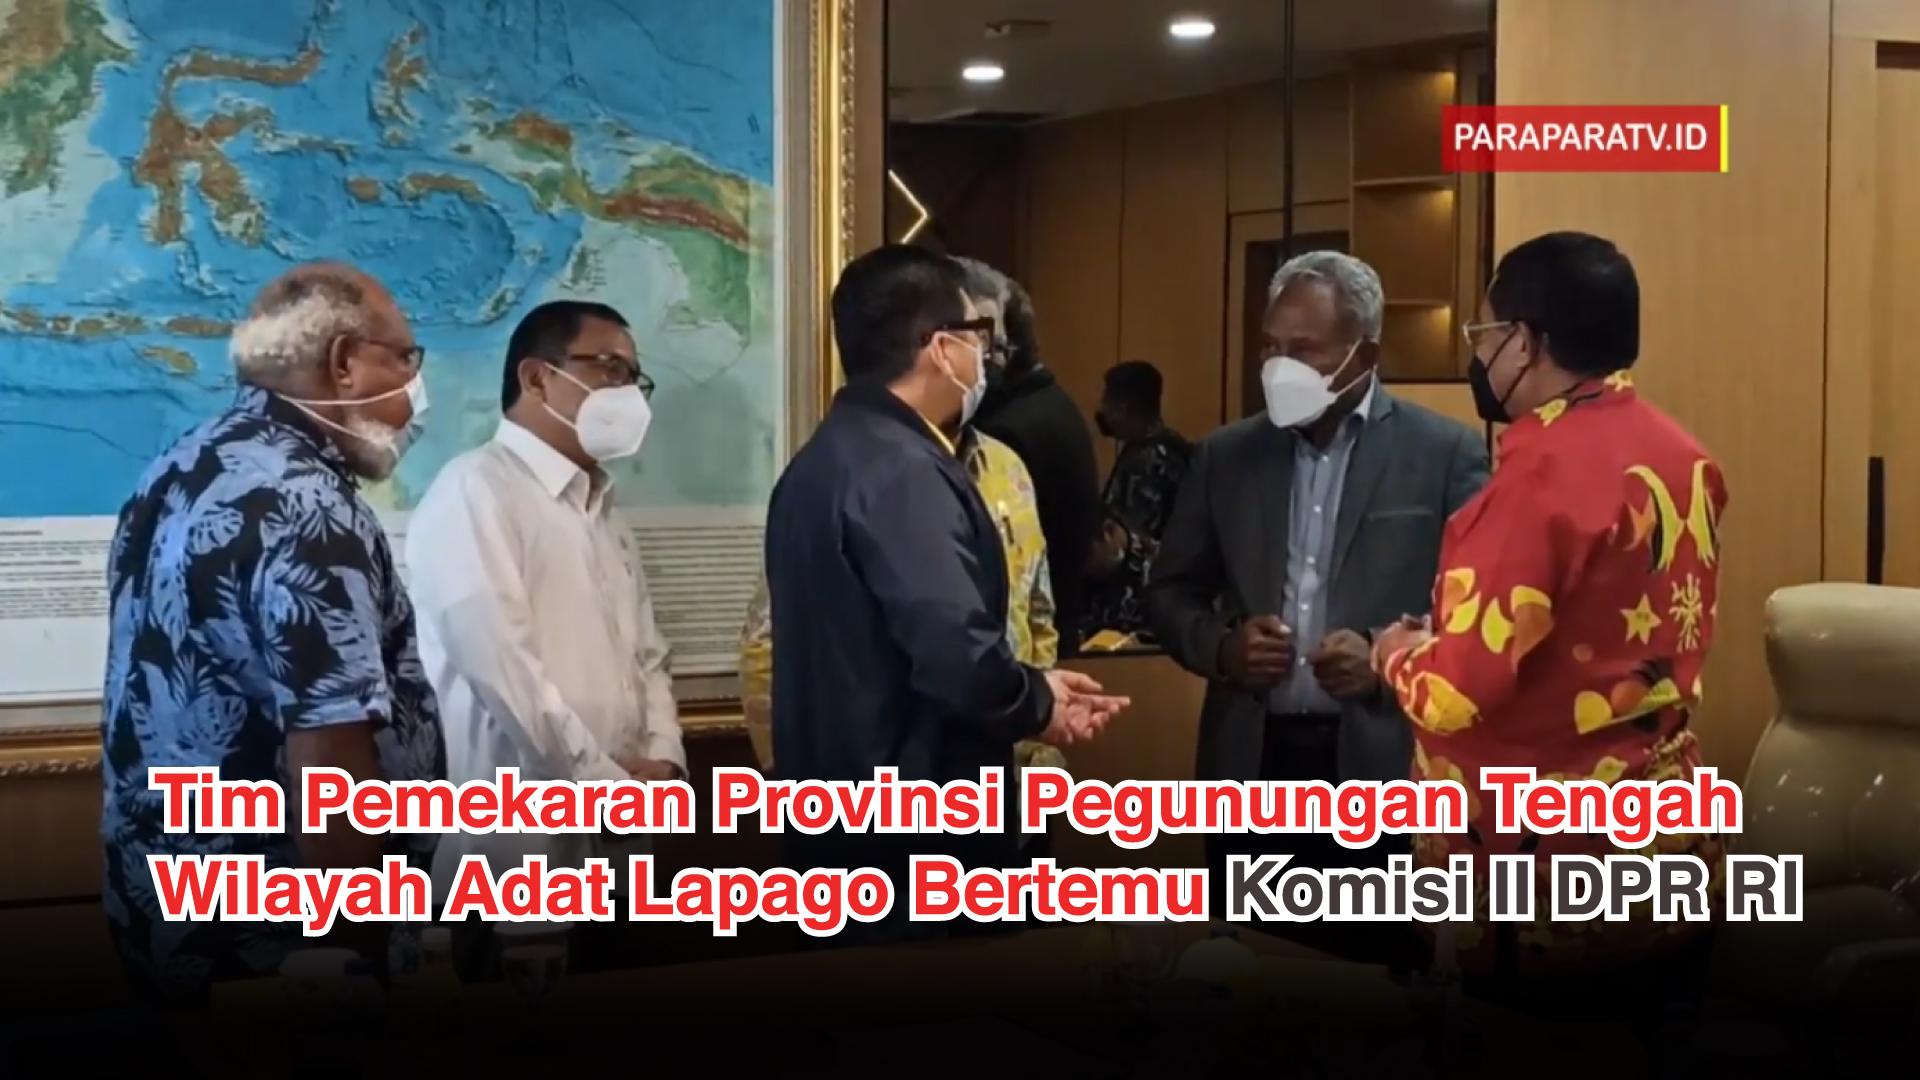 Tim Pemekaran Provinsi Pegunungan Tengah Wilayah Adat Lapago Bertemu Komisi II DPR RI